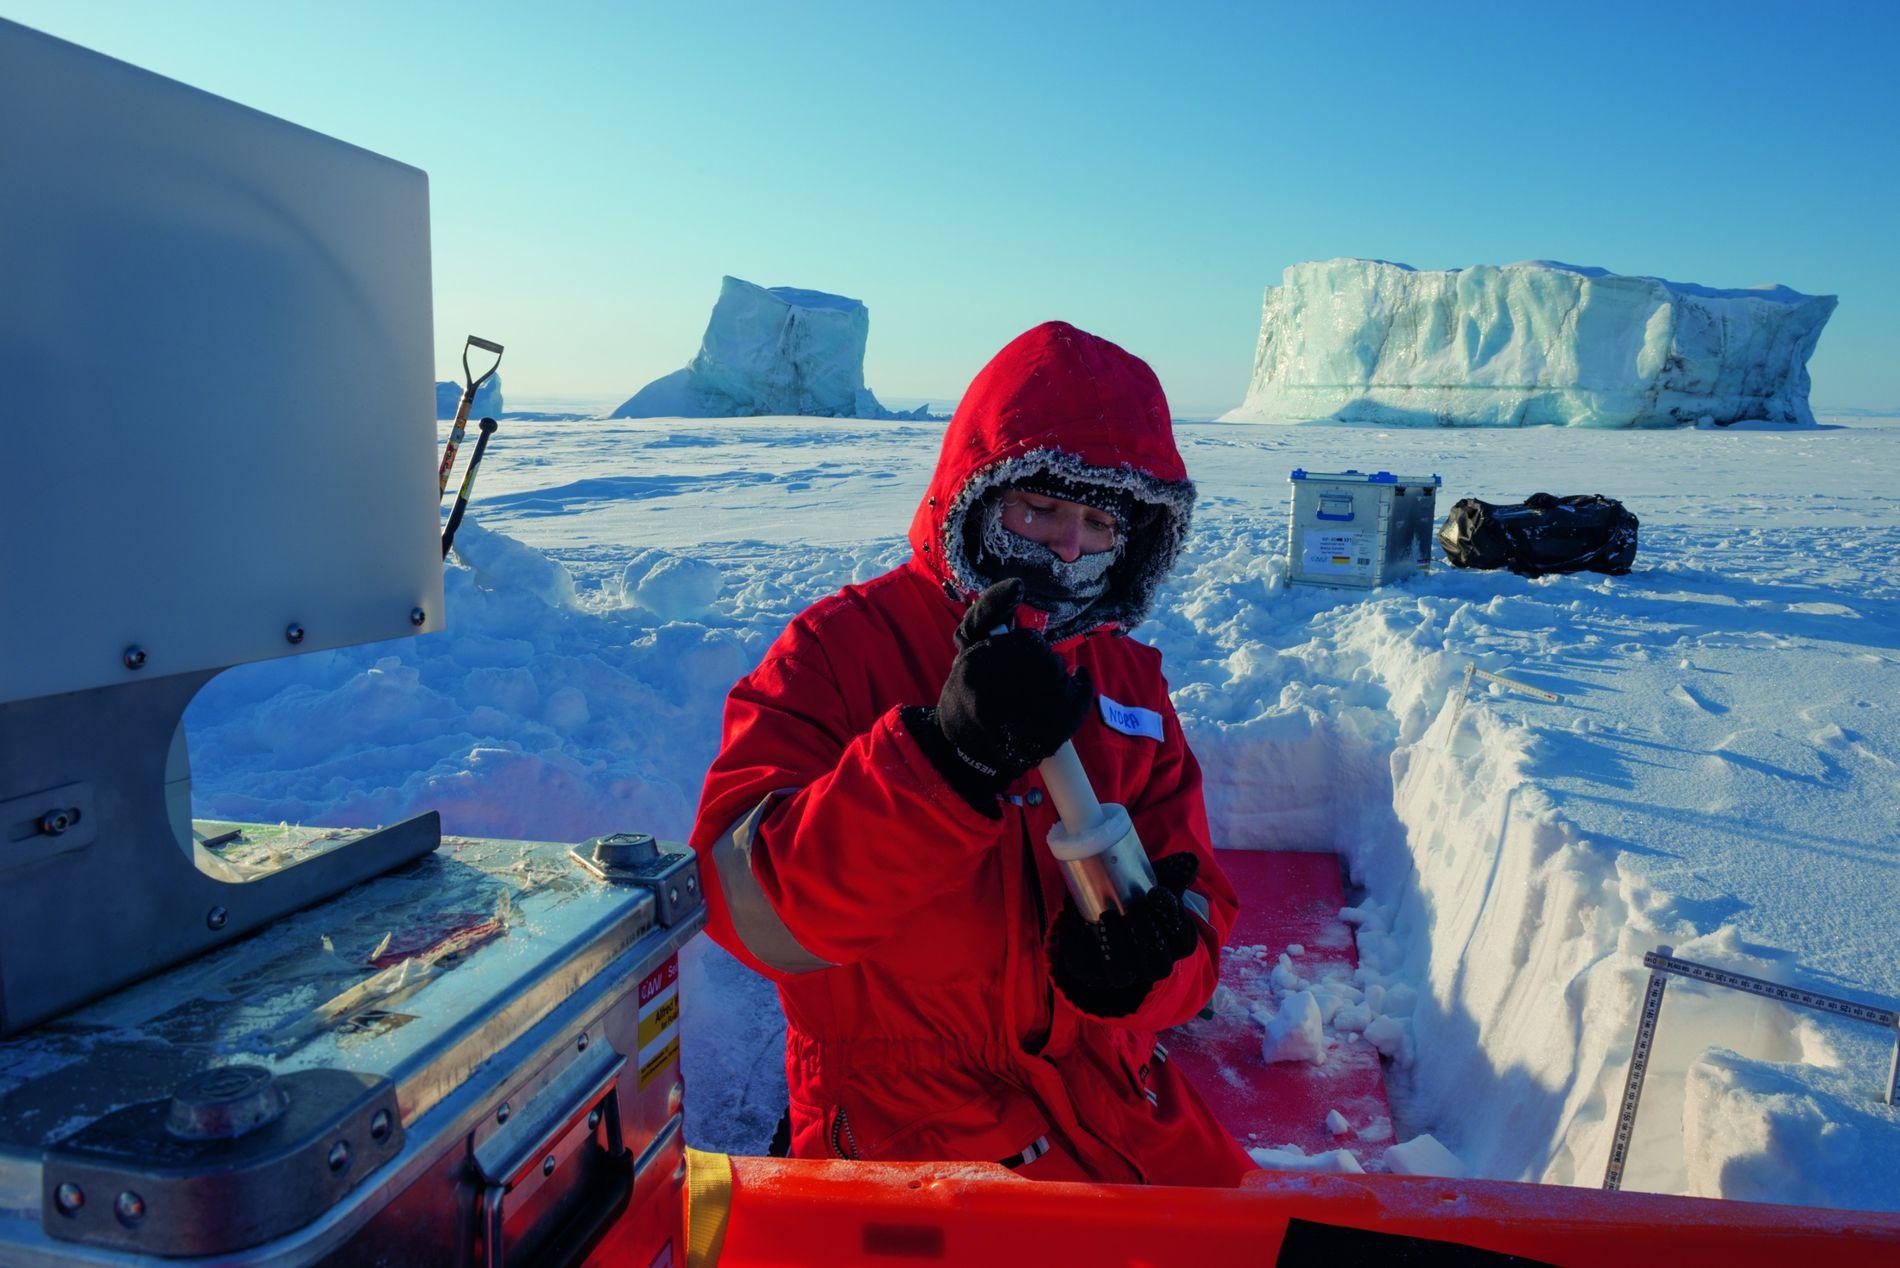 Nora Fried, assistante derecherche, utilise unIceCube portatif, un instrument qui mesure lasurface spécifique desparticules de neige ...